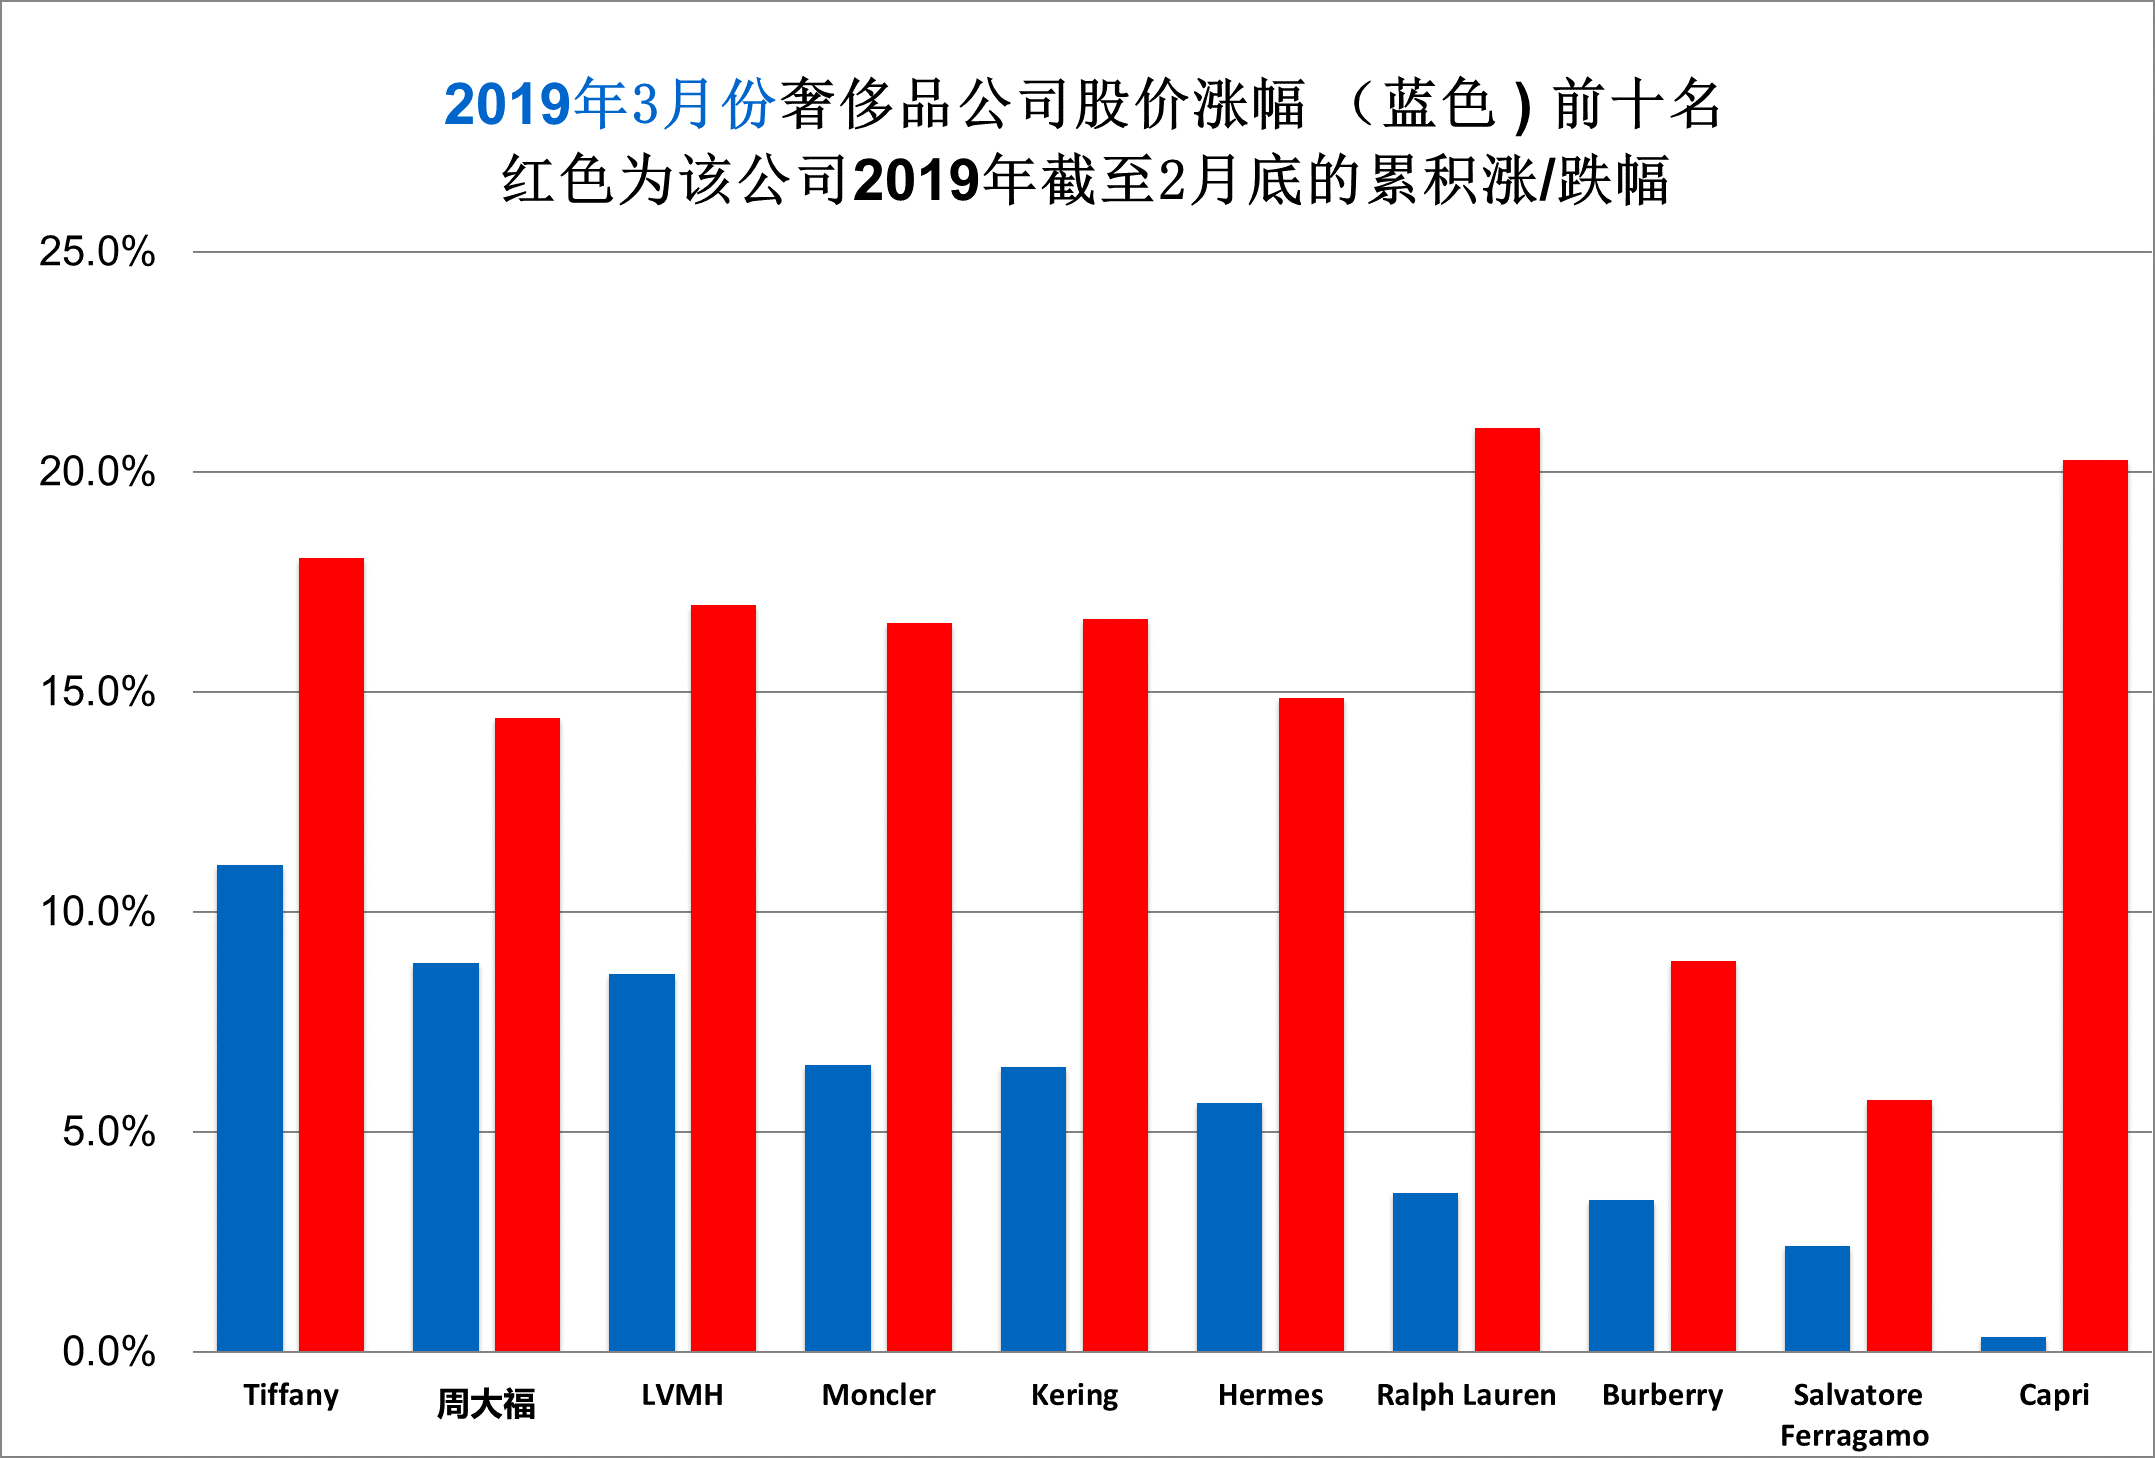 华丽志奢侈品股票月度排行榜(2019年3月)